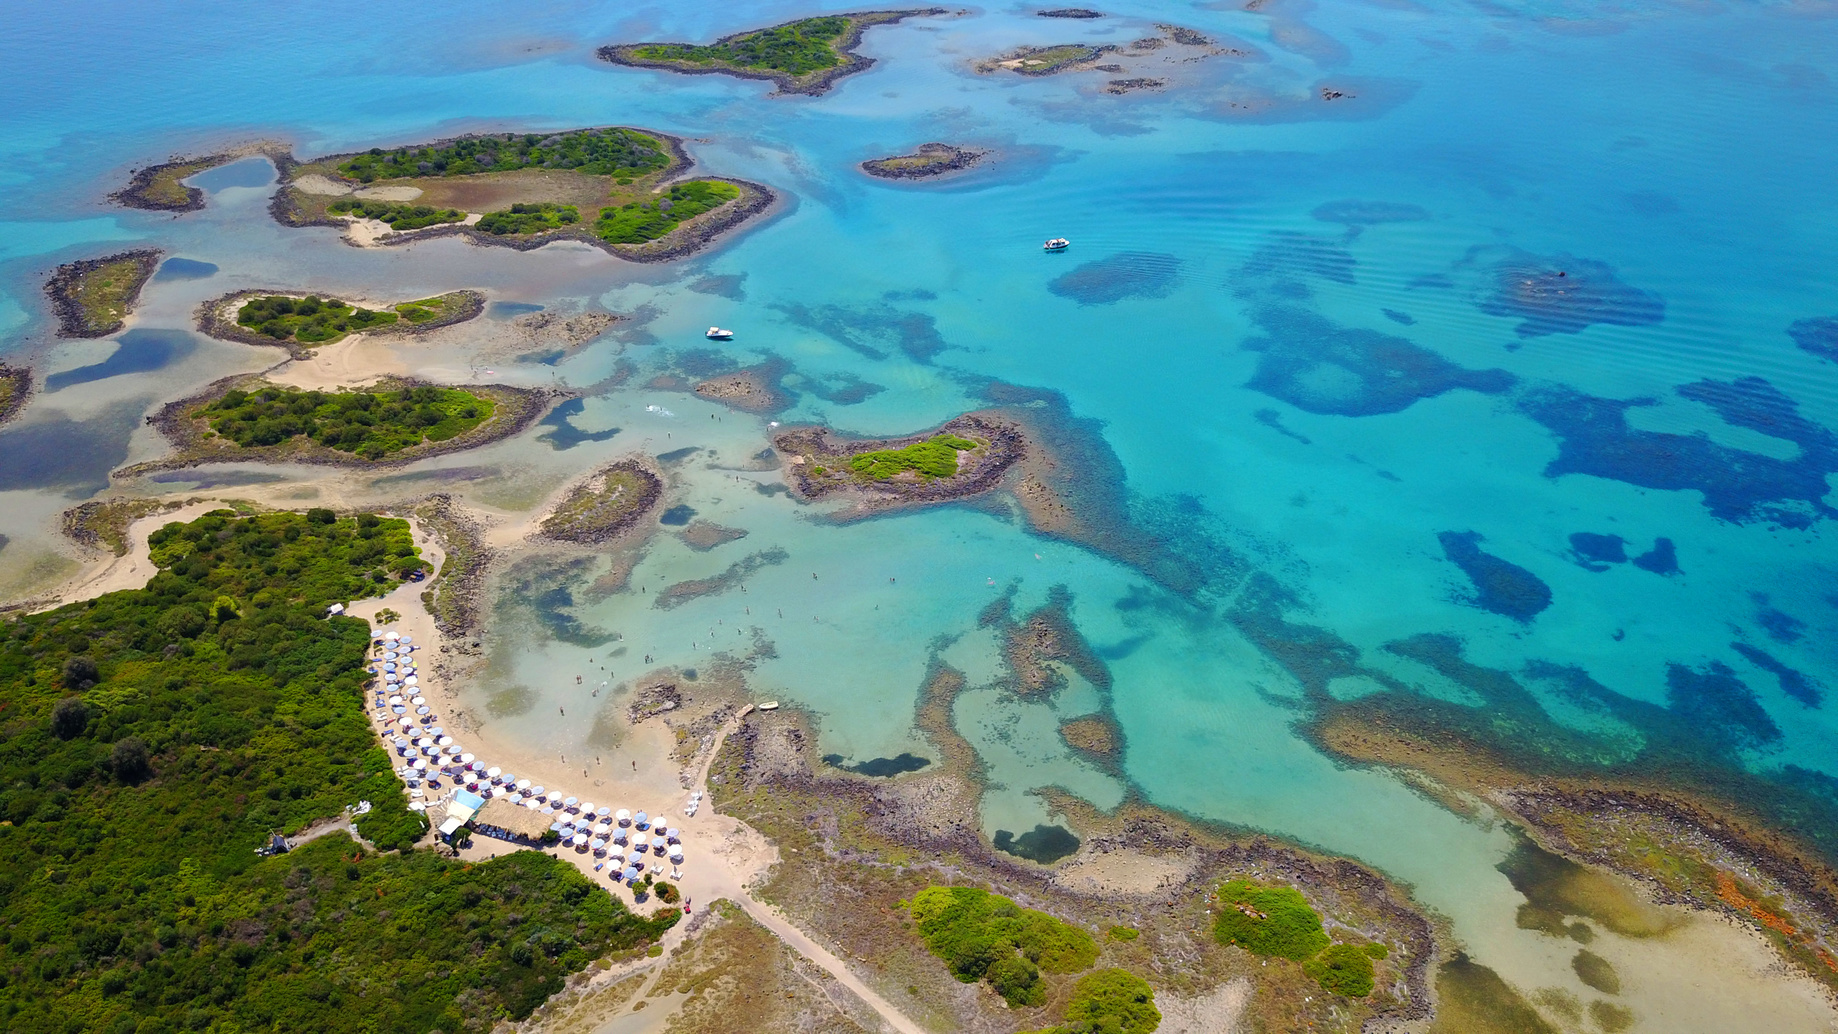 Wakacje 2018 na wyspach greckich!